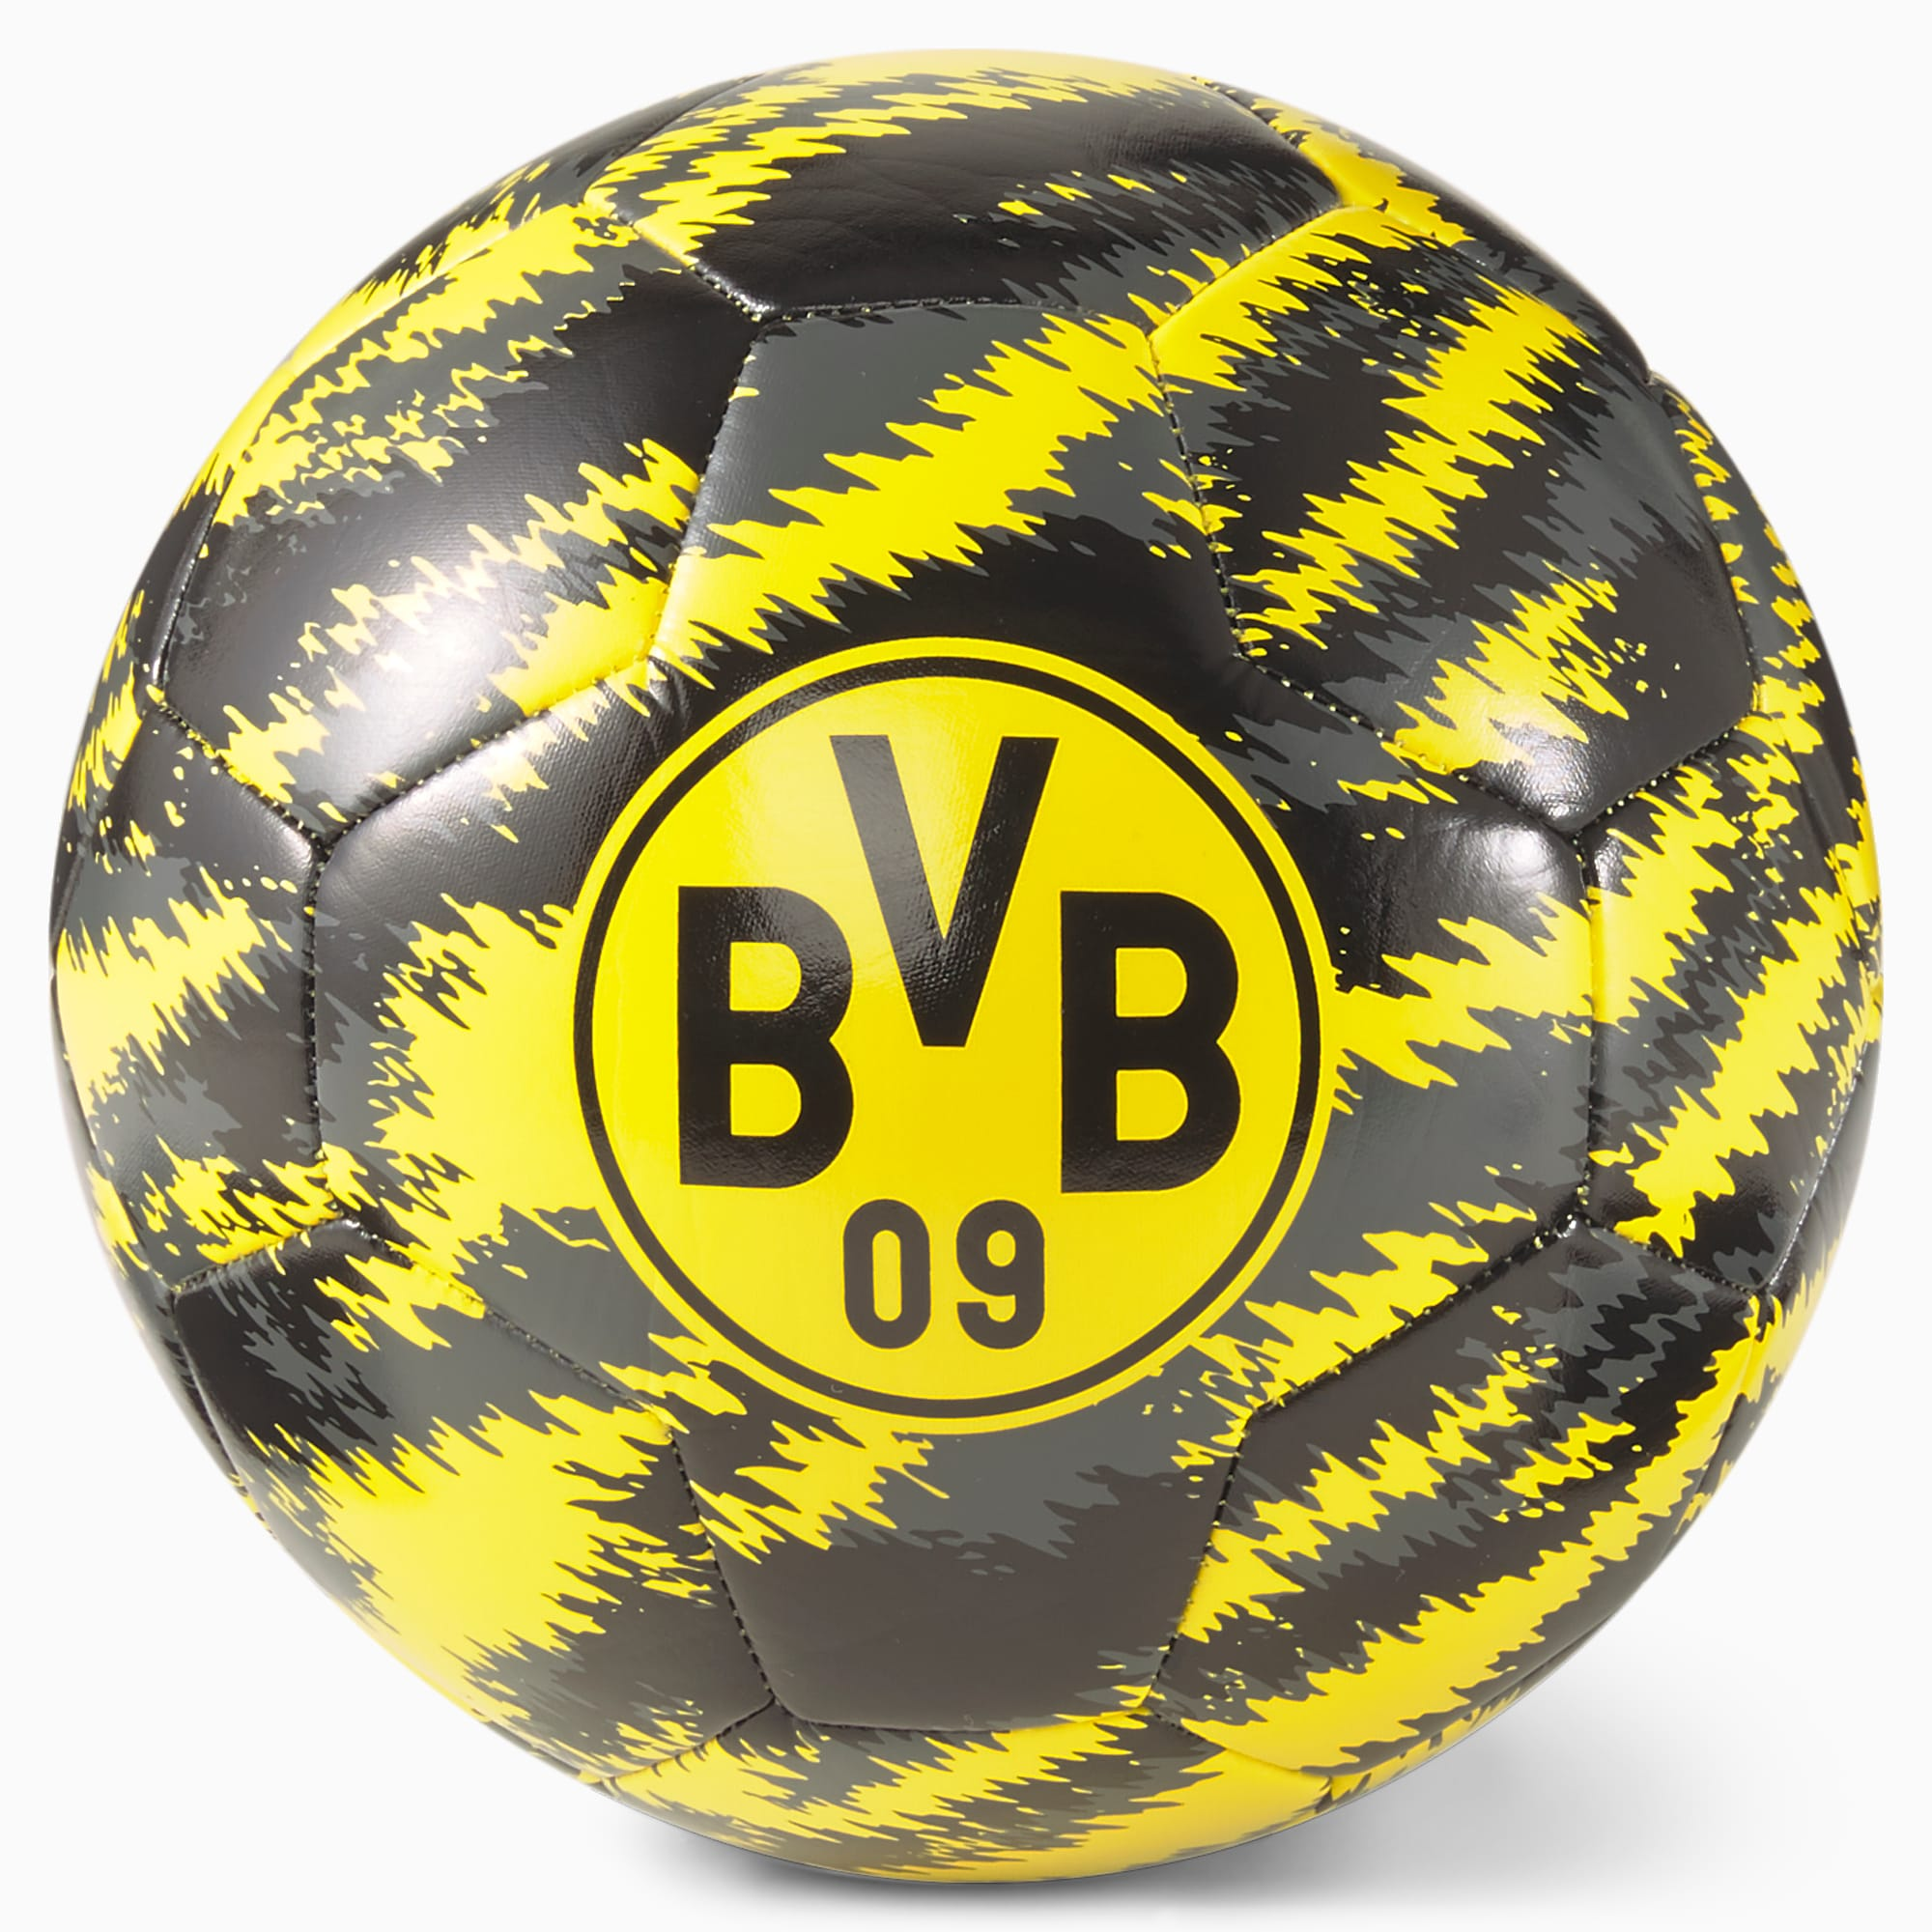 Pallone da calcio BVB Iconic Big Cat, Giallo/Nero, Taglia 3   PUMA